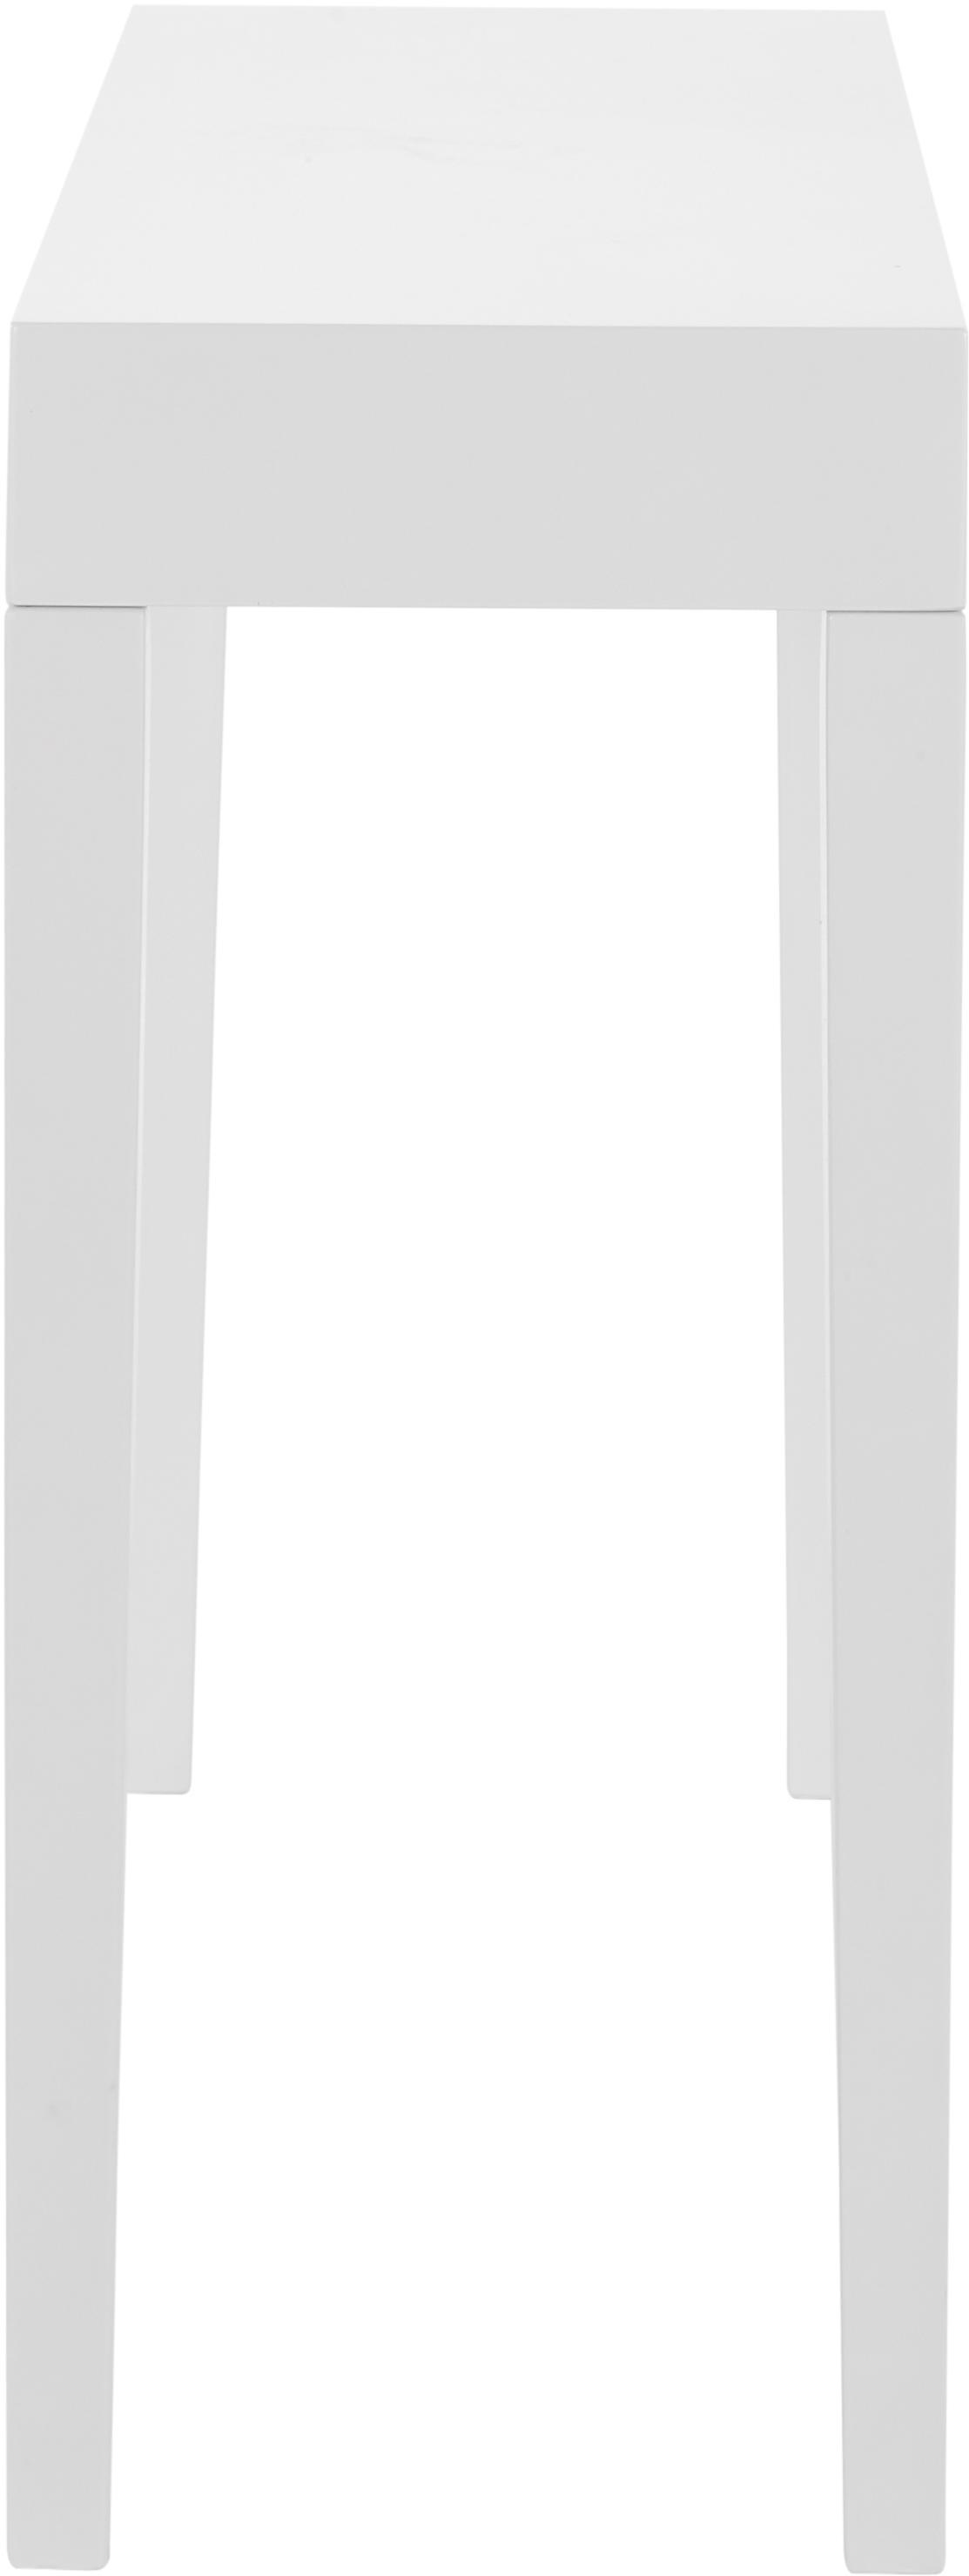 Handgefertigte Konsole Kayson, Mitteldichte Holzfaserplatte (MDF), Weiß, B 130 x T 34 cm